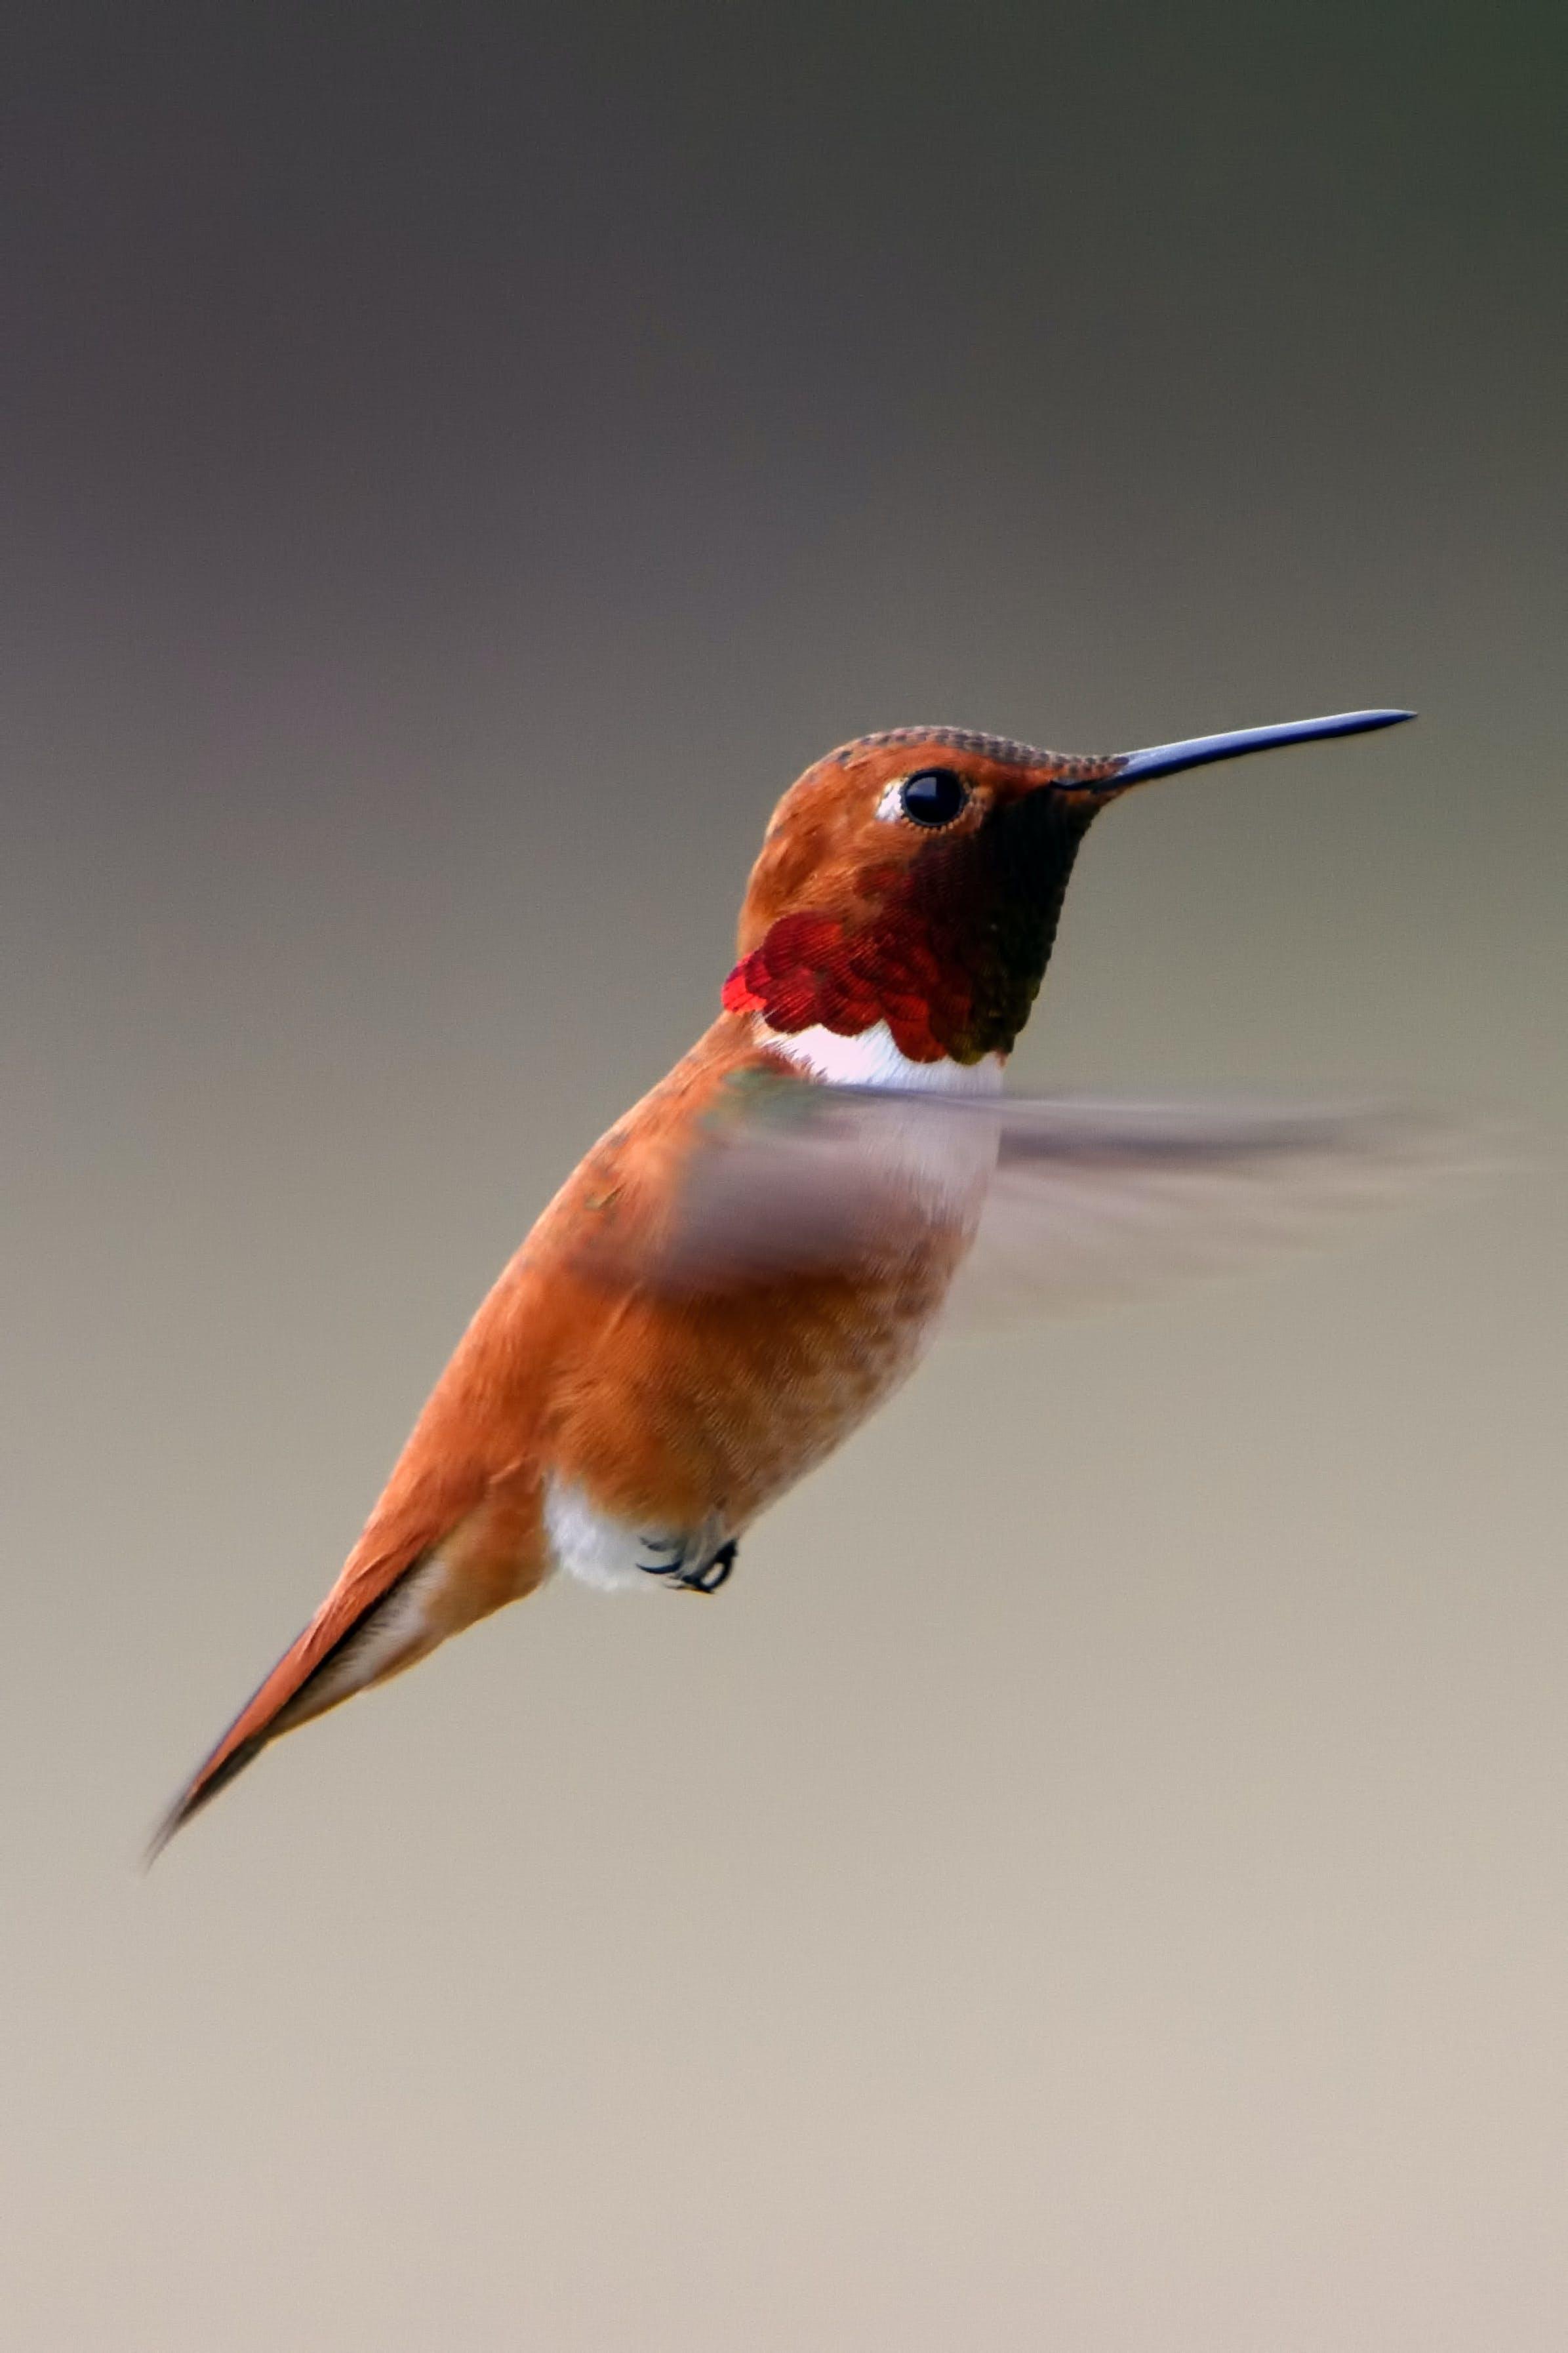 Closeup Photography of Humming Bird